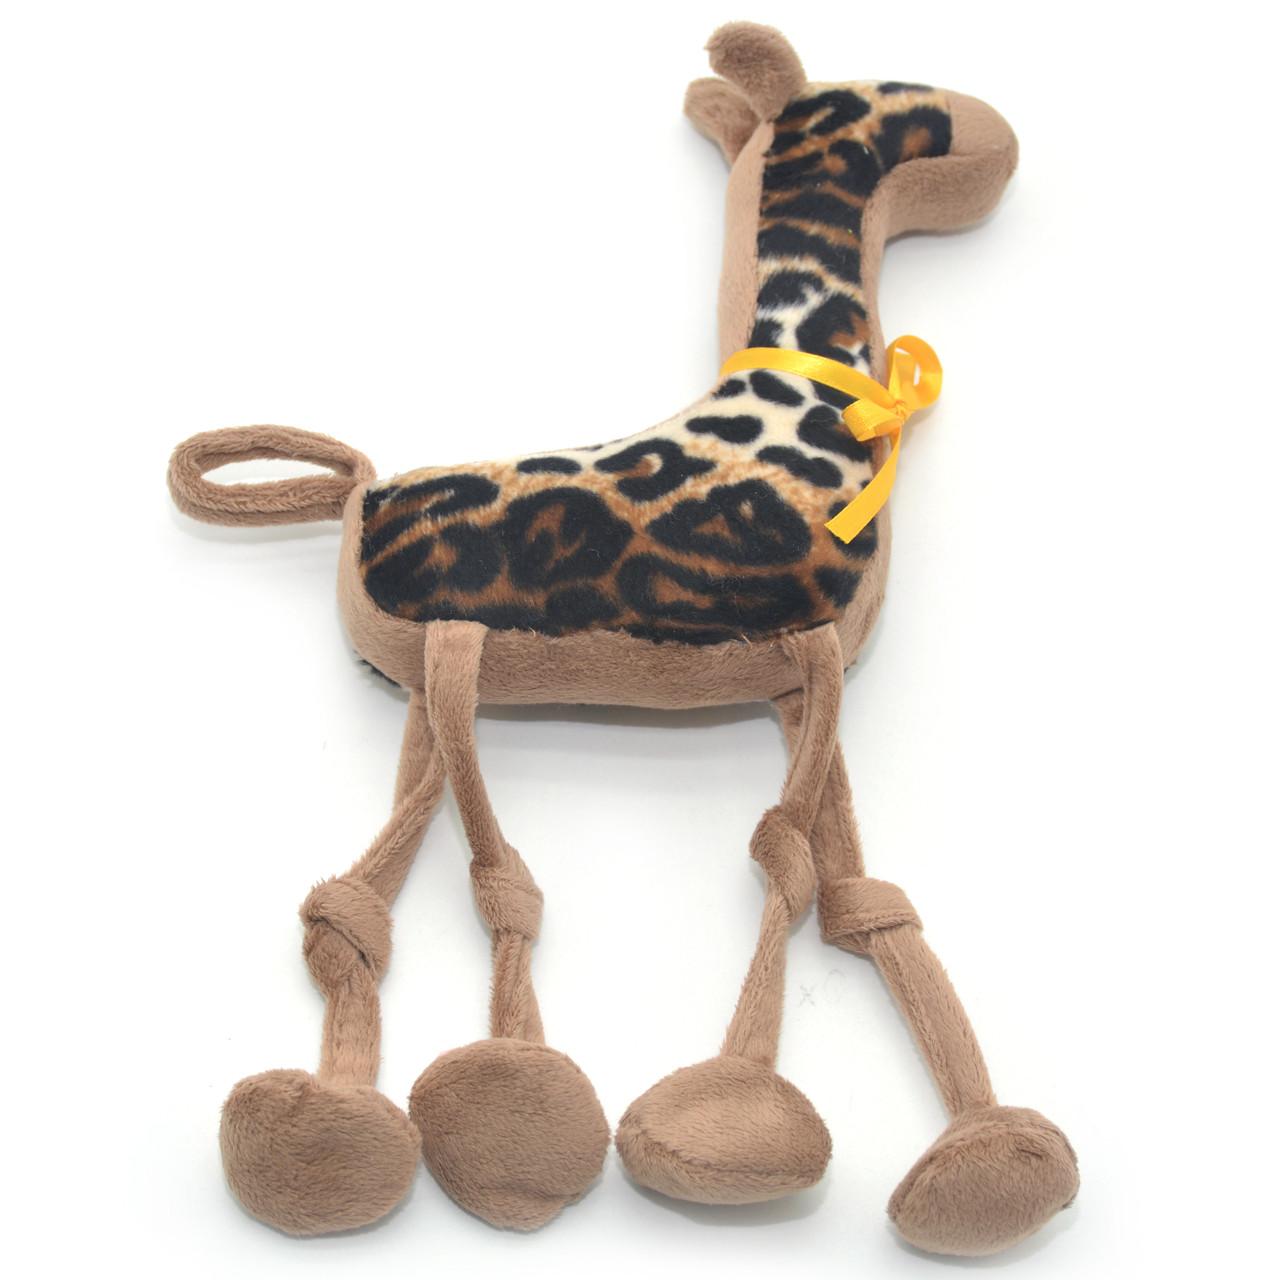 Мягкая игрушка Жираф для собаки коричневая